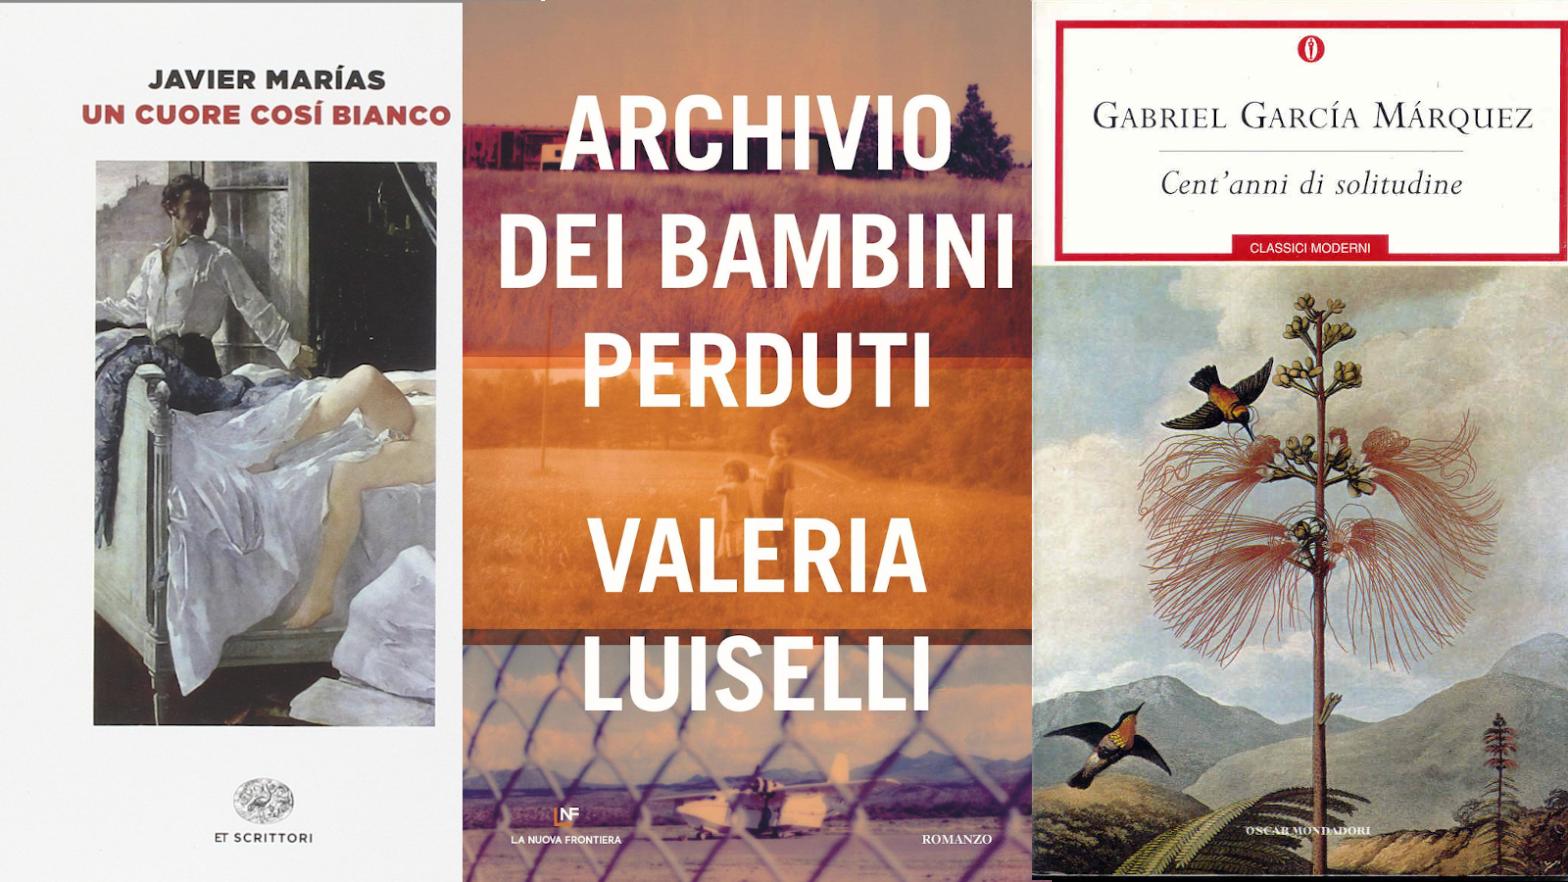 Gli incipit di tre romanzi: Un cuore così bianco di Marias, Archivio dei bambini perduti di Luiselli, Cent'anni di solitudine di Marquez